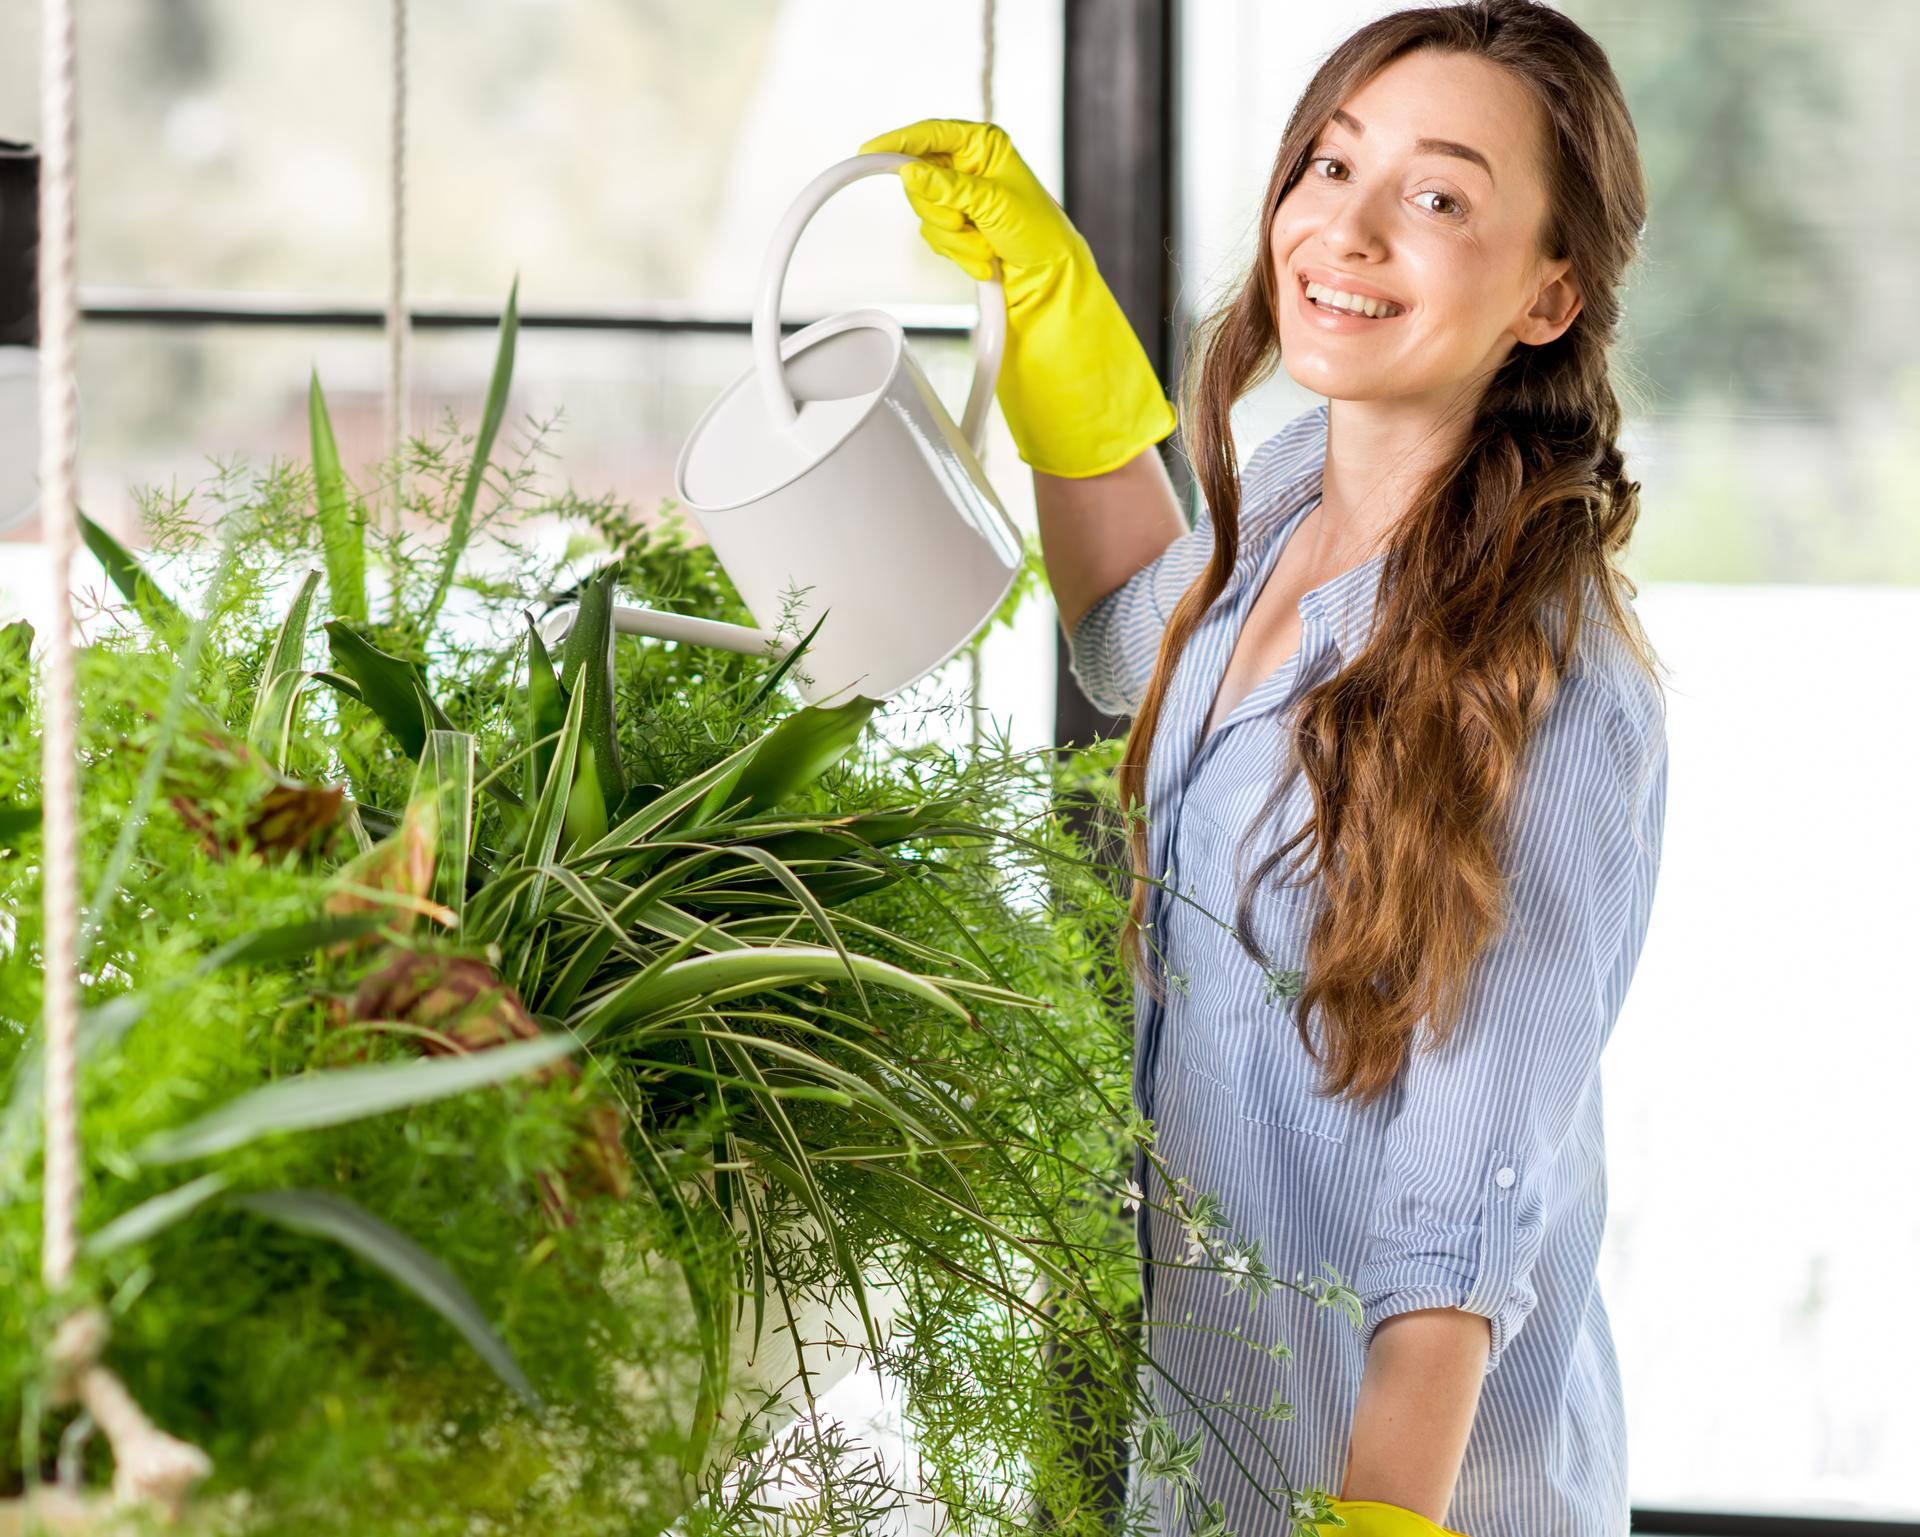 Sobne biljke ipak nisu važne za pročišćavanje zraka u prostoriji